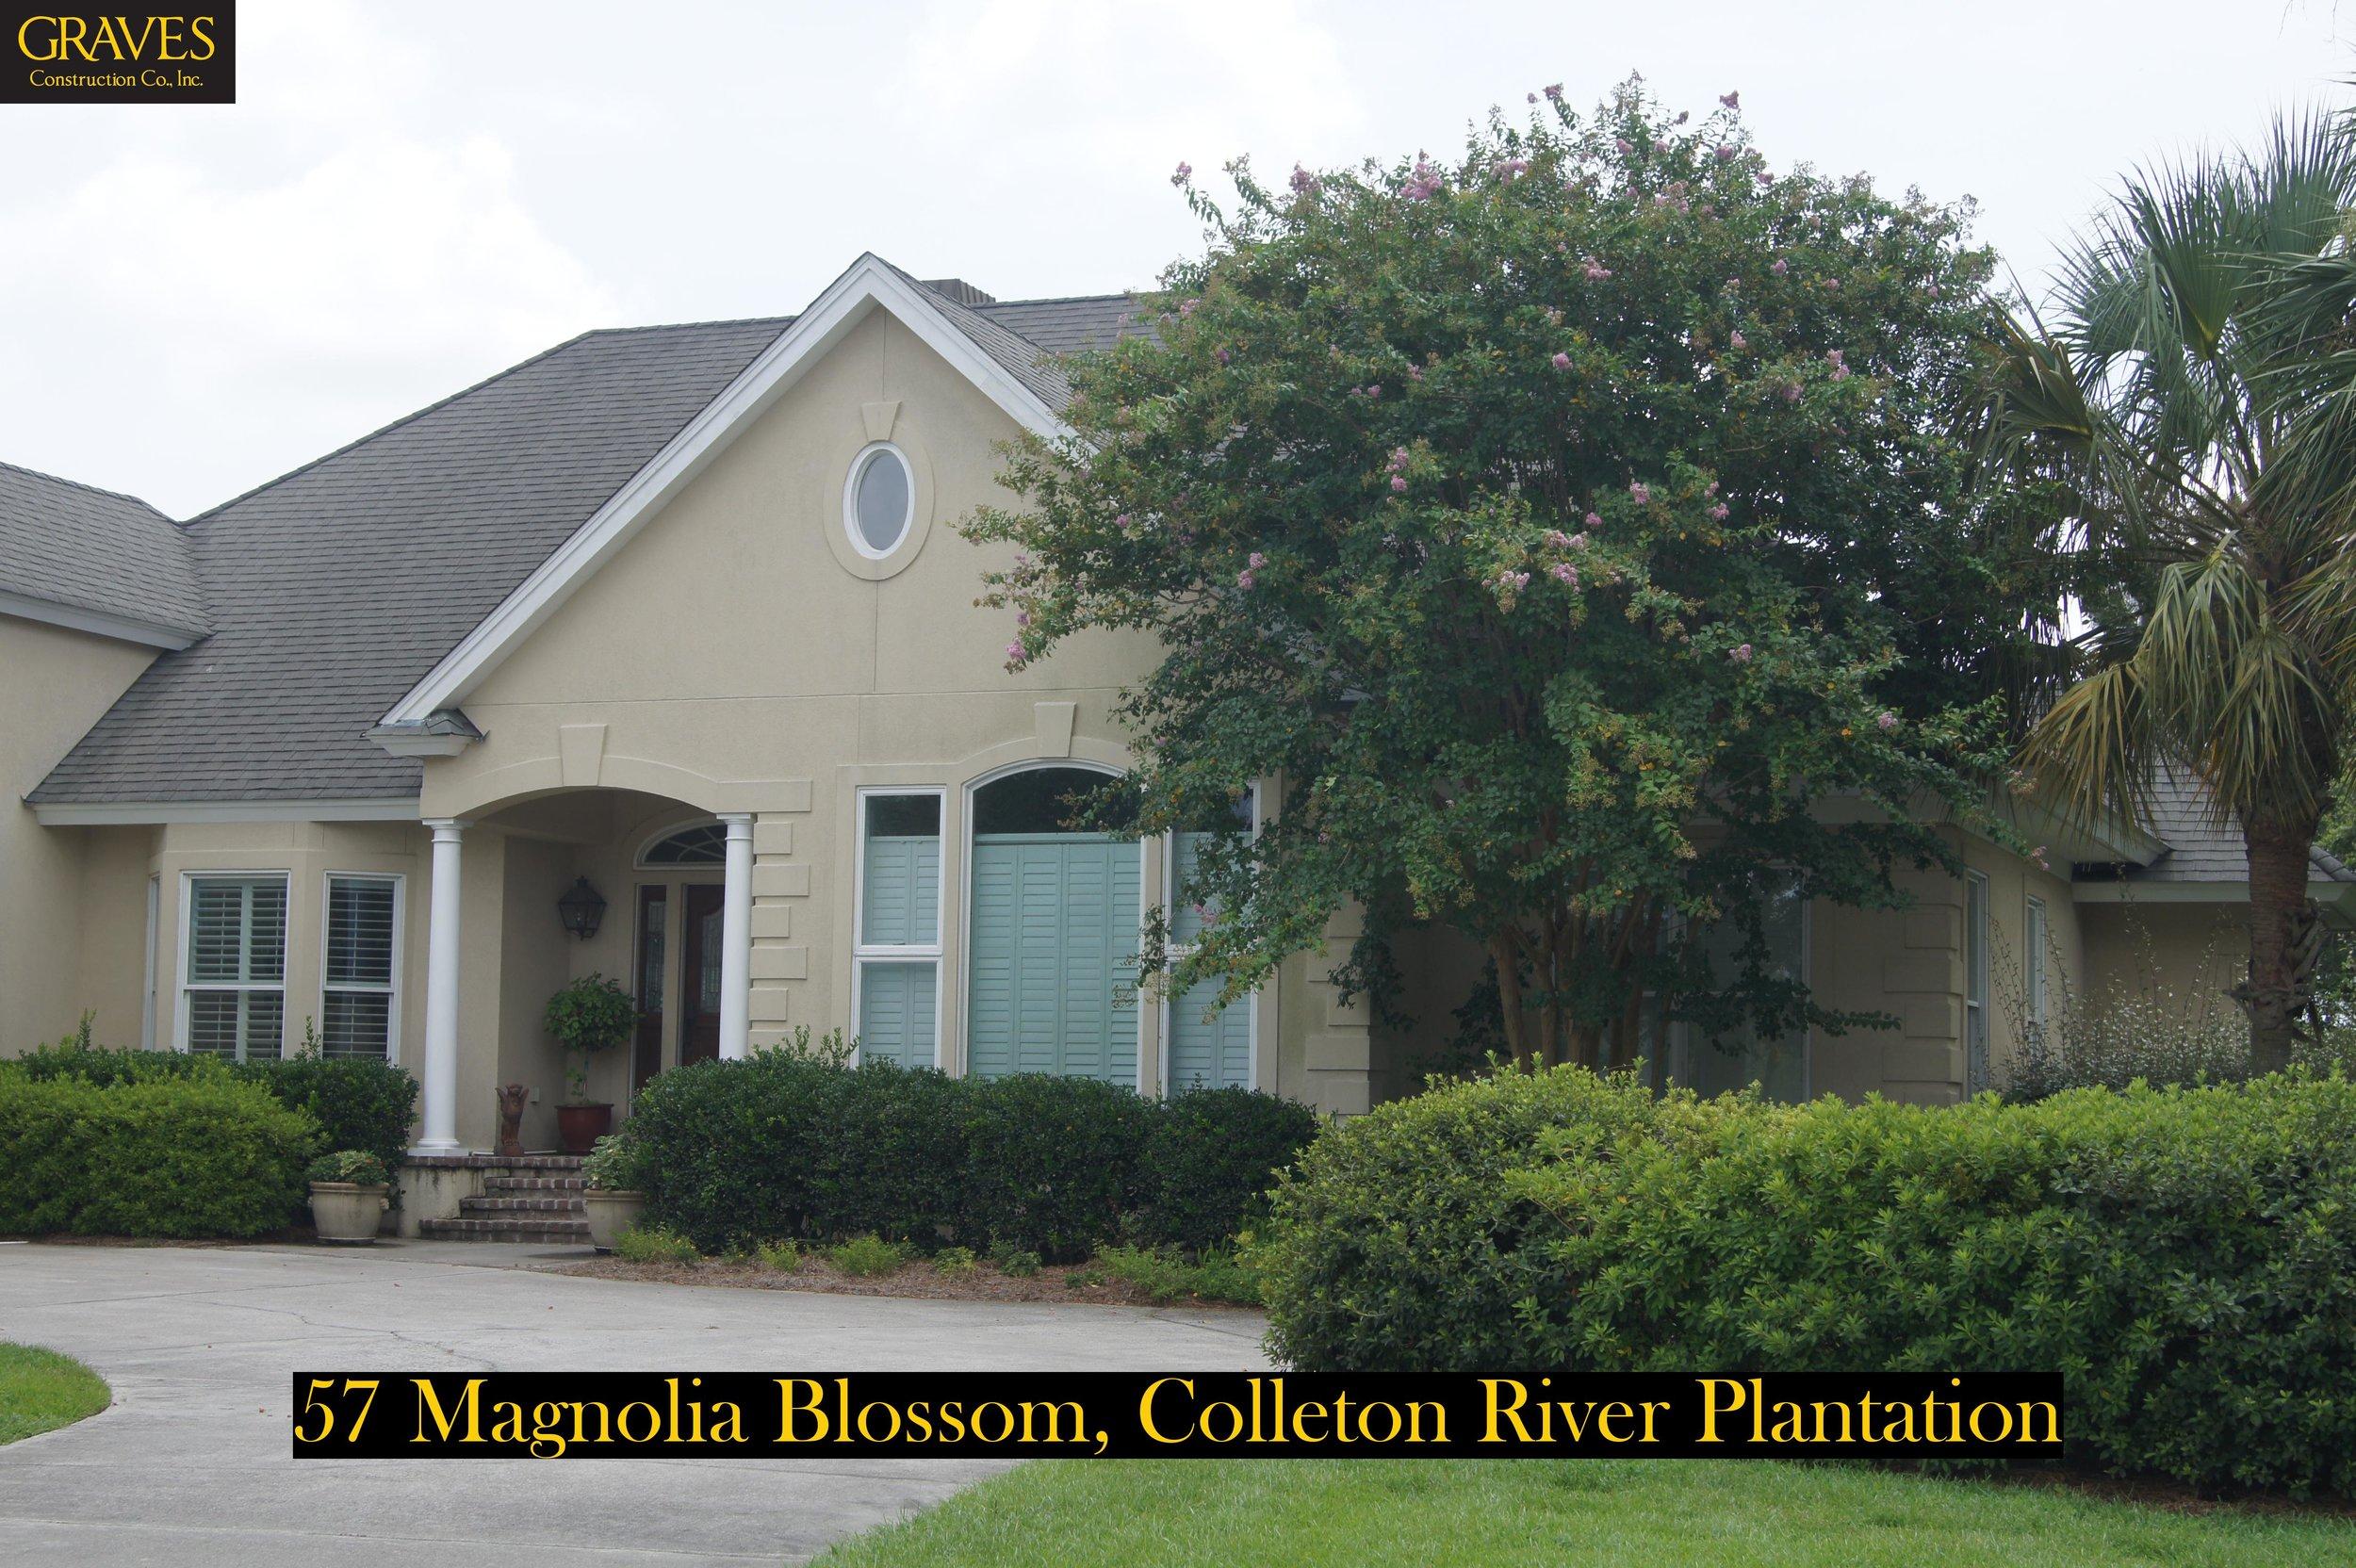 57 Magnolia Blossom - 3